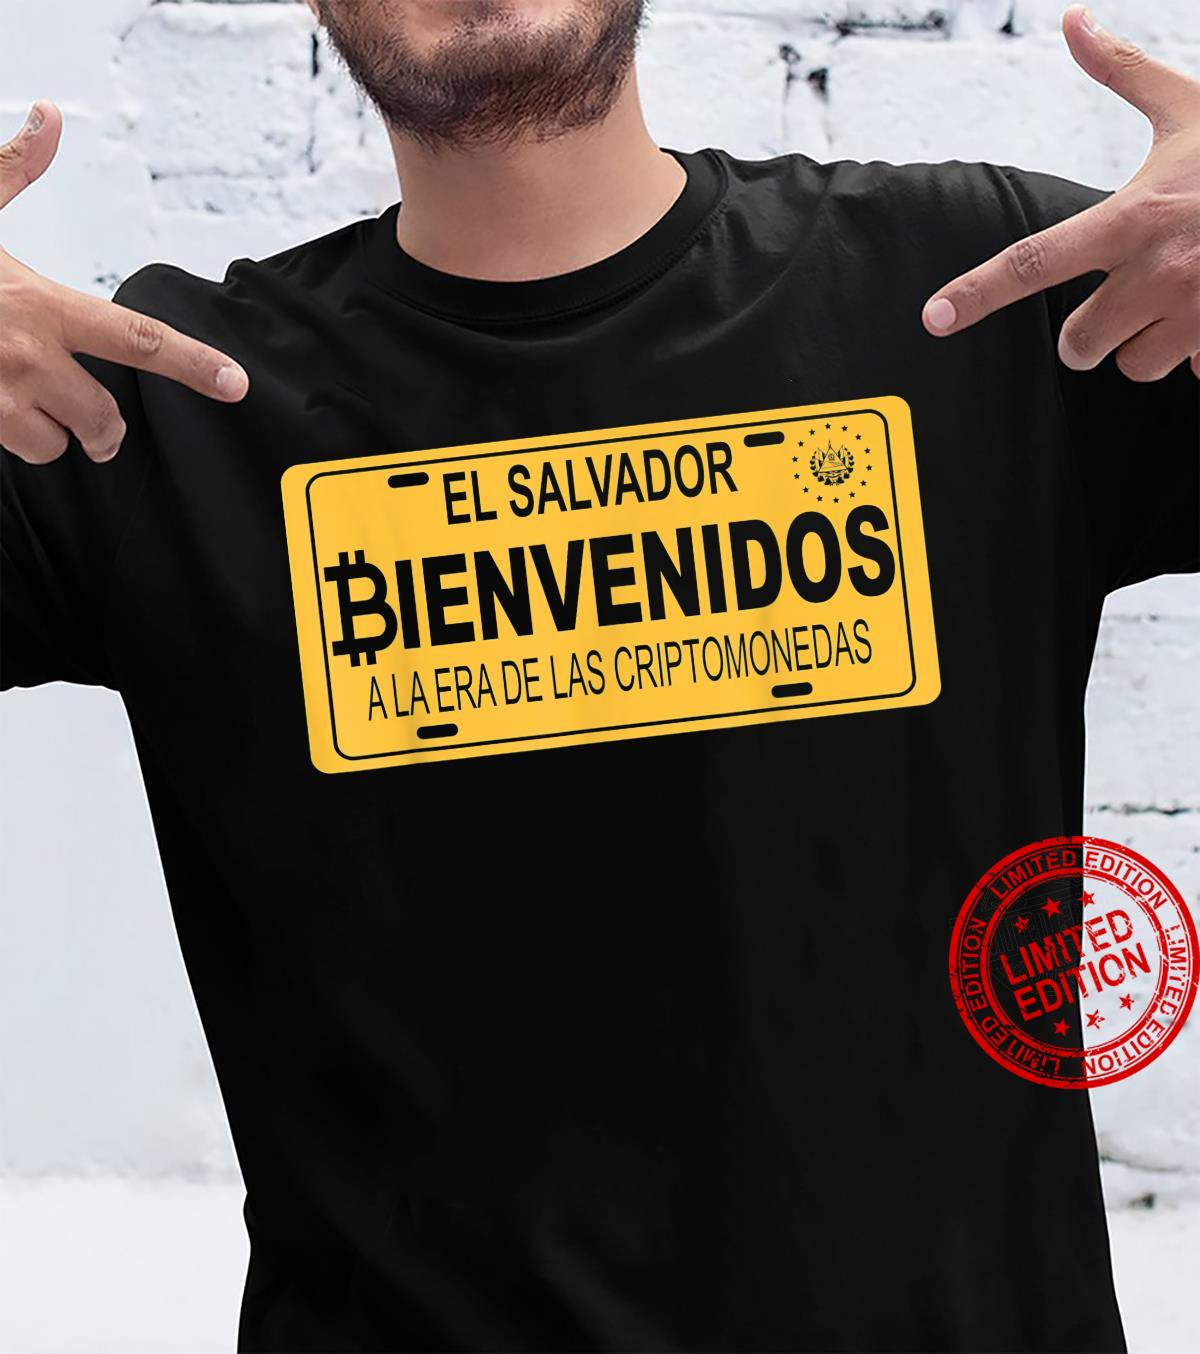 Bienvenidos a la Era De Las Criptomonedas En El Salvador Shirt